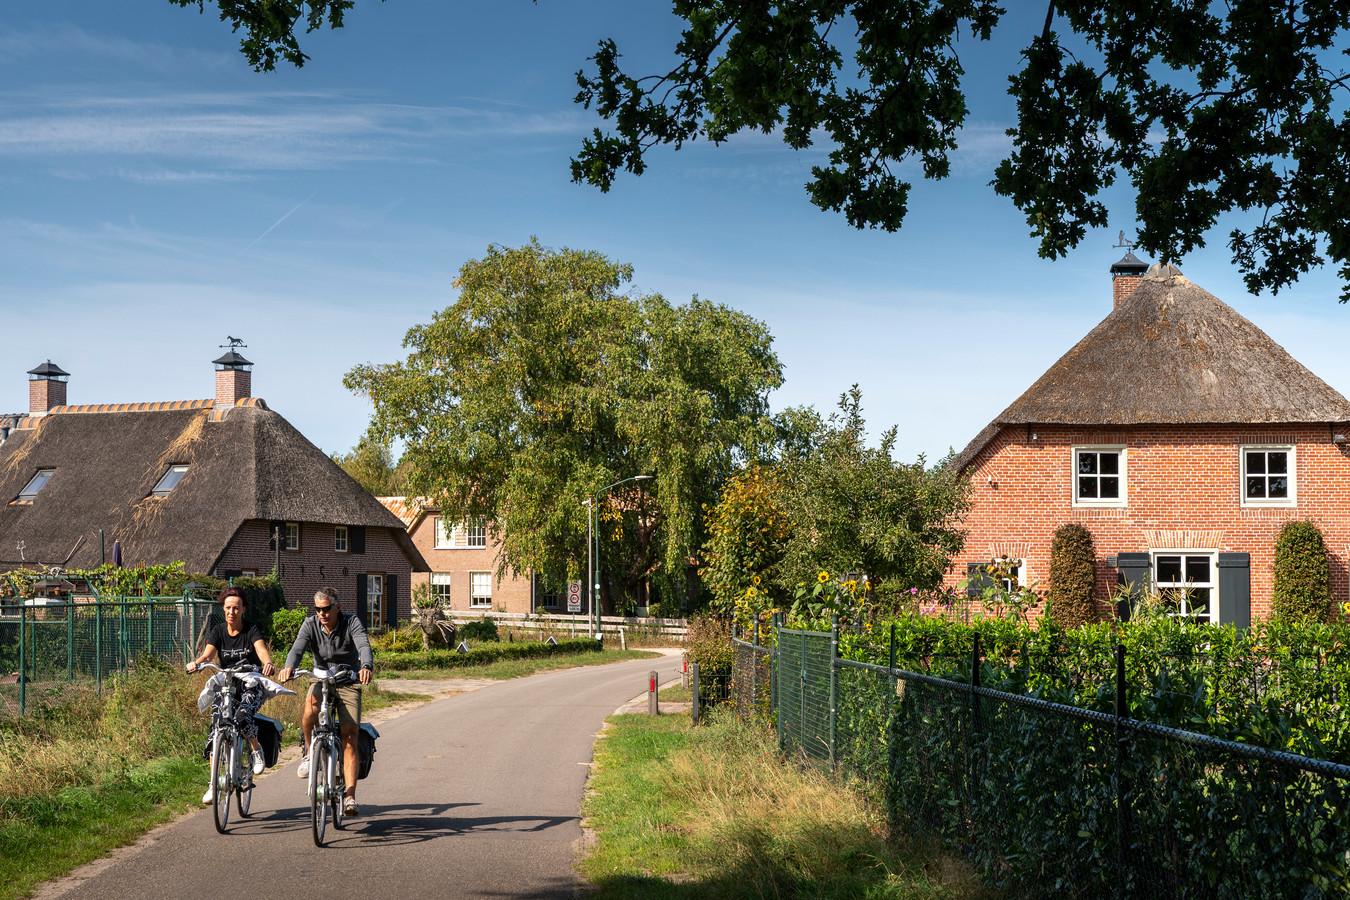 De gemeenten Vught, Boxtel en Oisterwijk zijn het er niet mee eens dat de gemeente Haaren voet bij stuk houdt bij het nieuwe bestemmingsplan buitengebied. Vught dreigt zelfs naar de rechter te stappen.